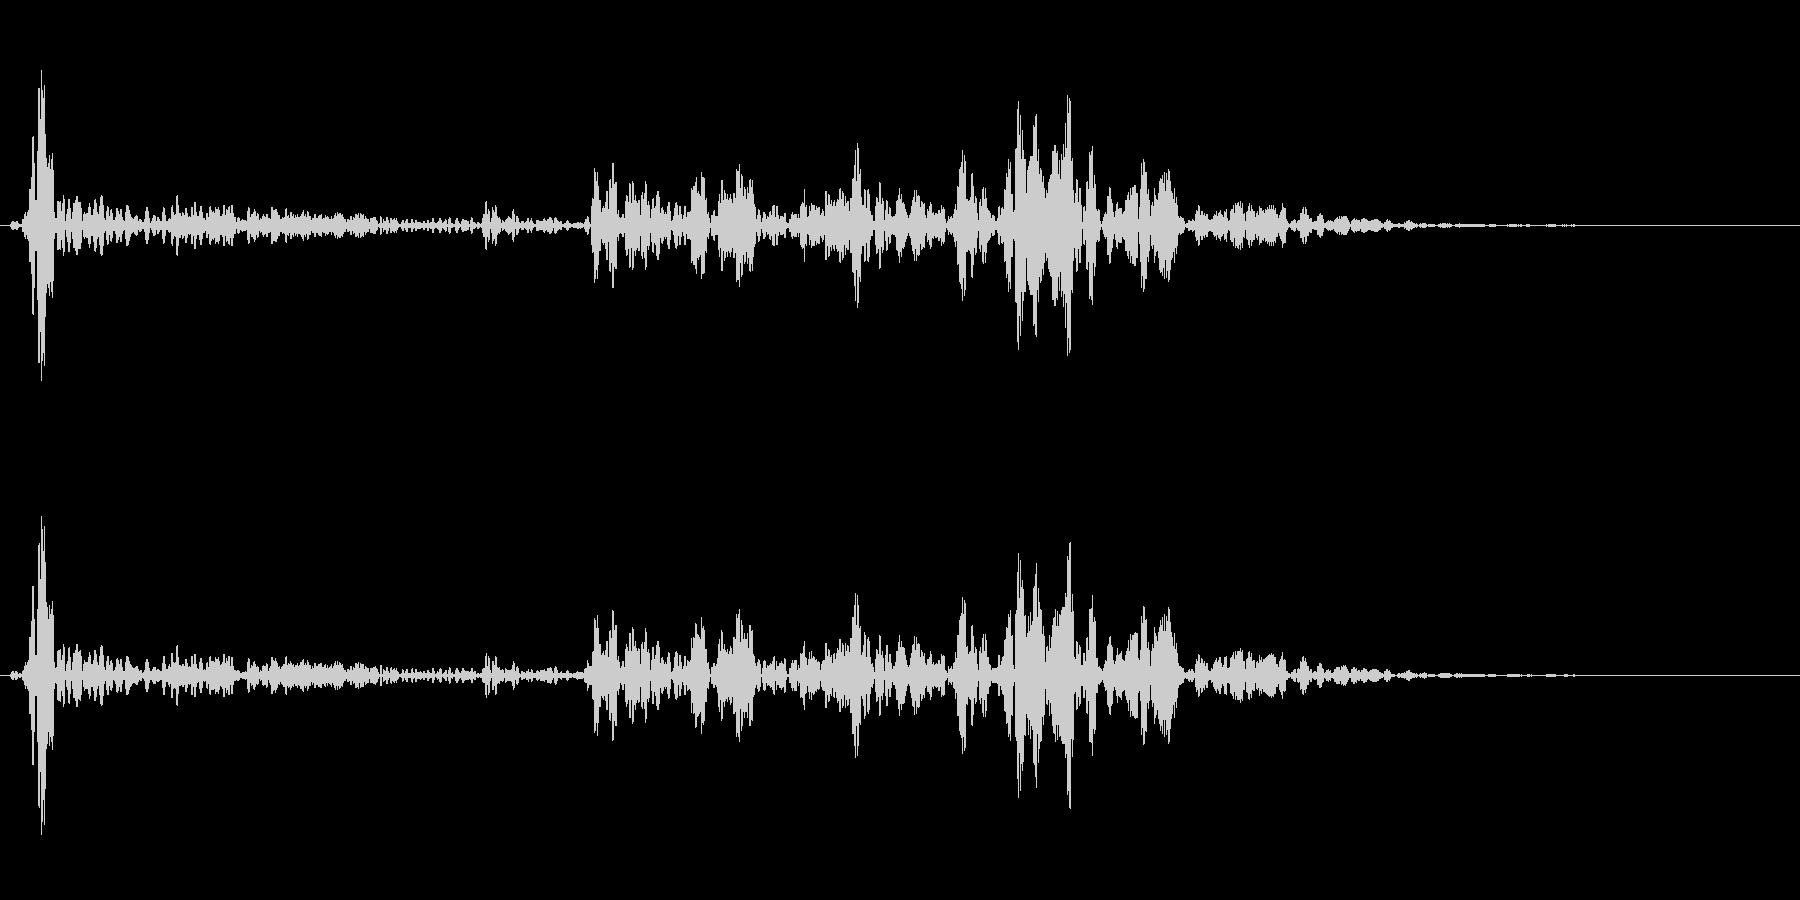 ブルォロロロ(補助魔法系SE)の未再生の波形